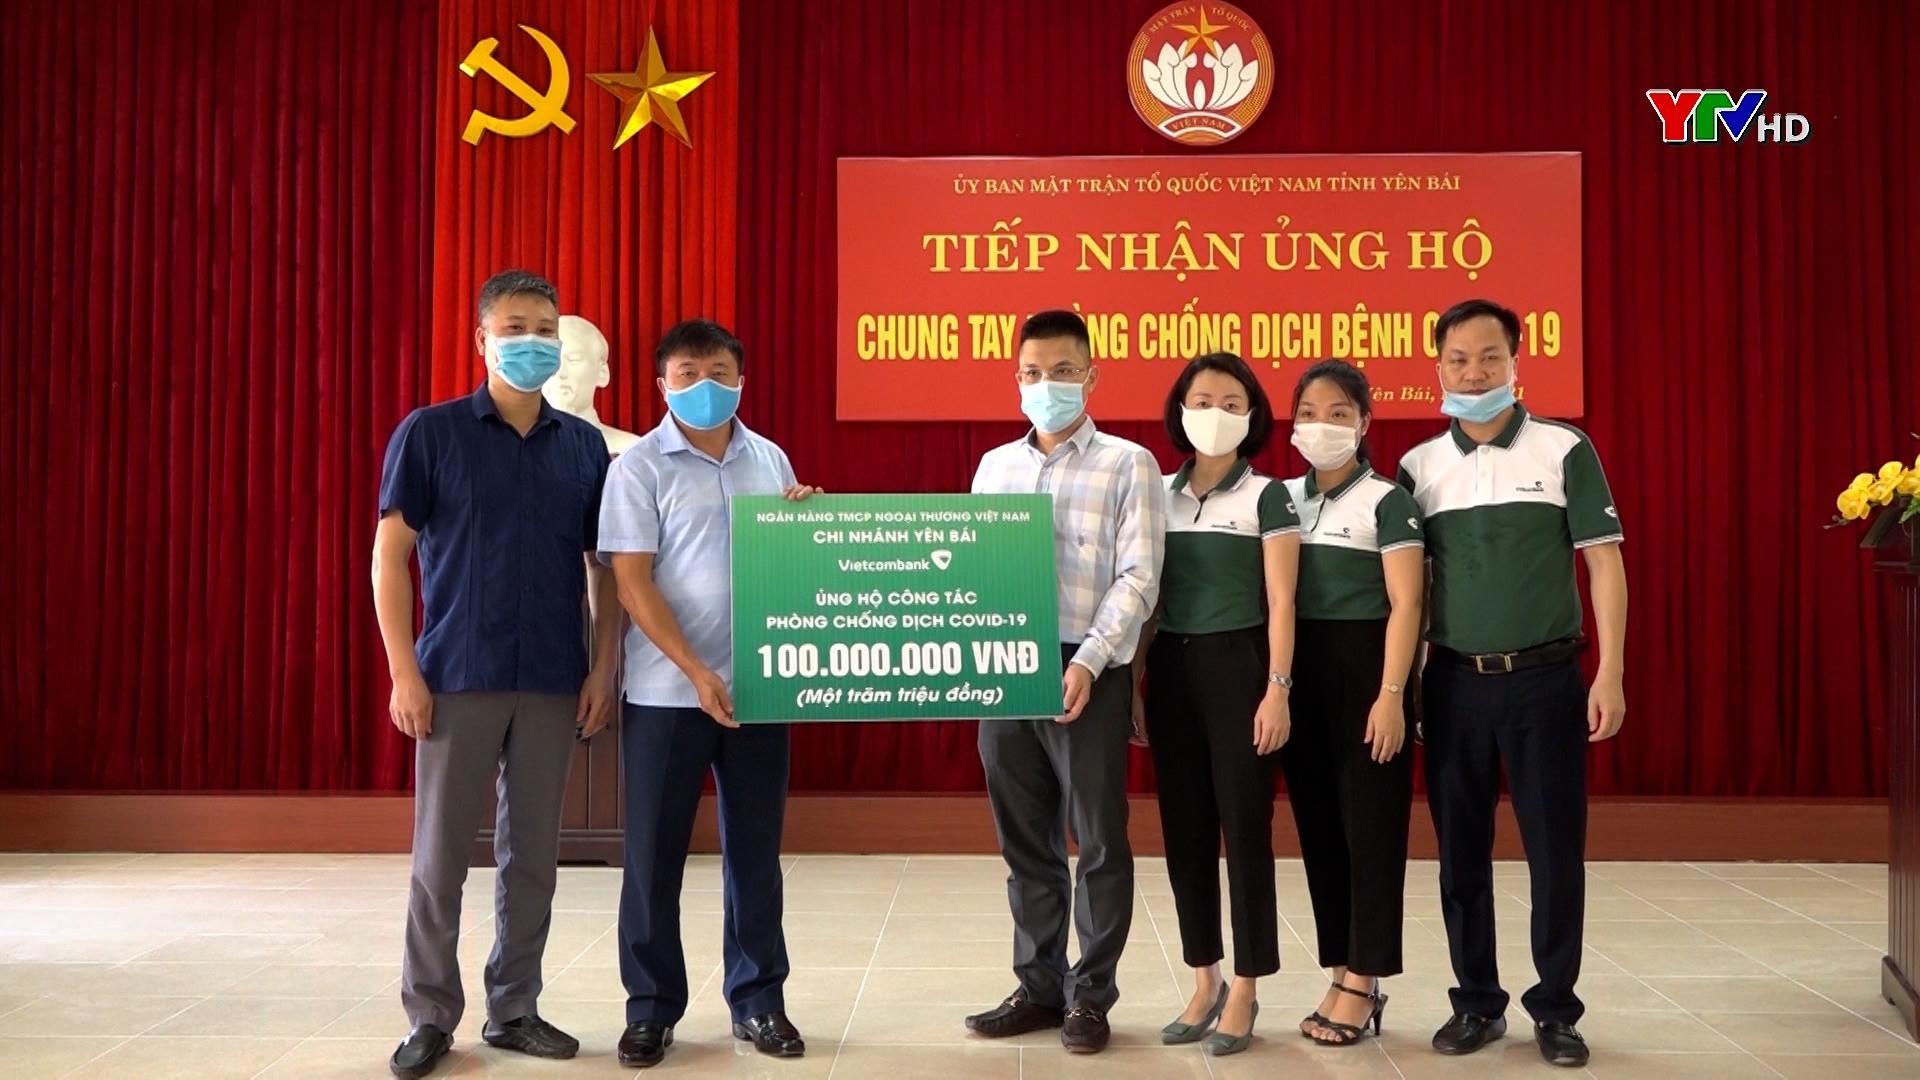 Uỷ ban MTTQ tỉnh Yên Bái tiếp nhận 161 triệu đồng ủng hộ Quỹ phòng chống COVID-19